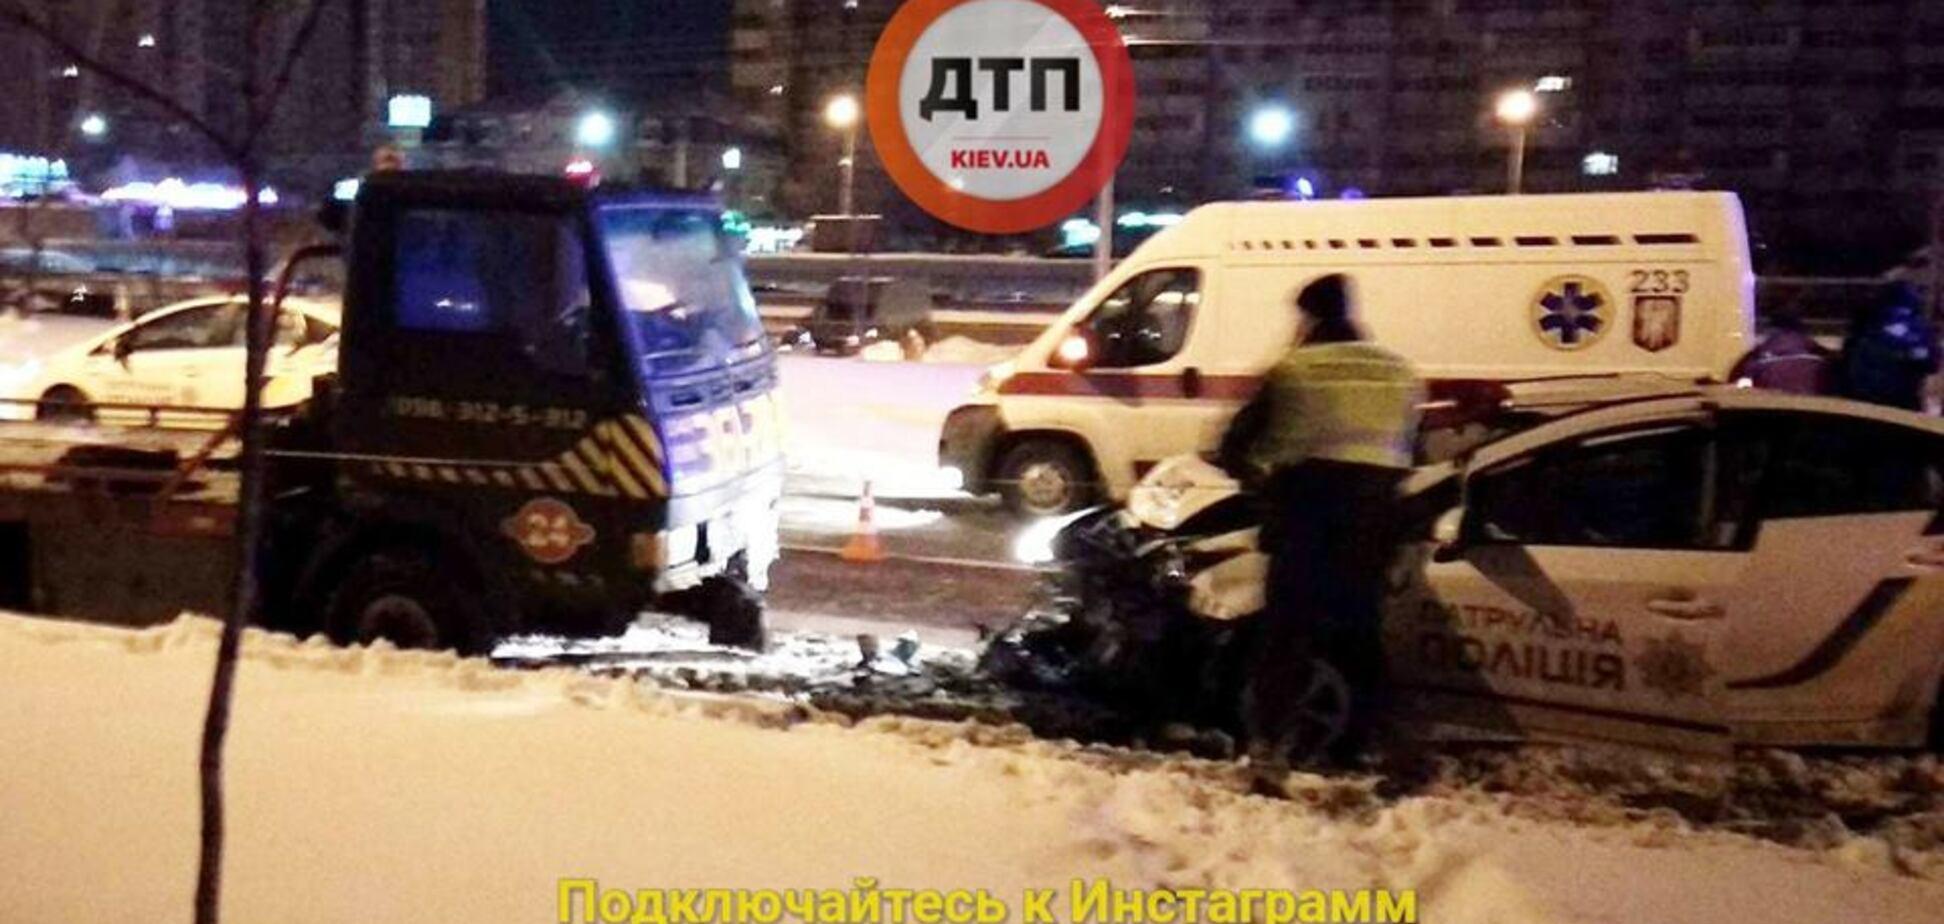 Навіть не гальмували: в Києві авто поліції протаранило евакуатор